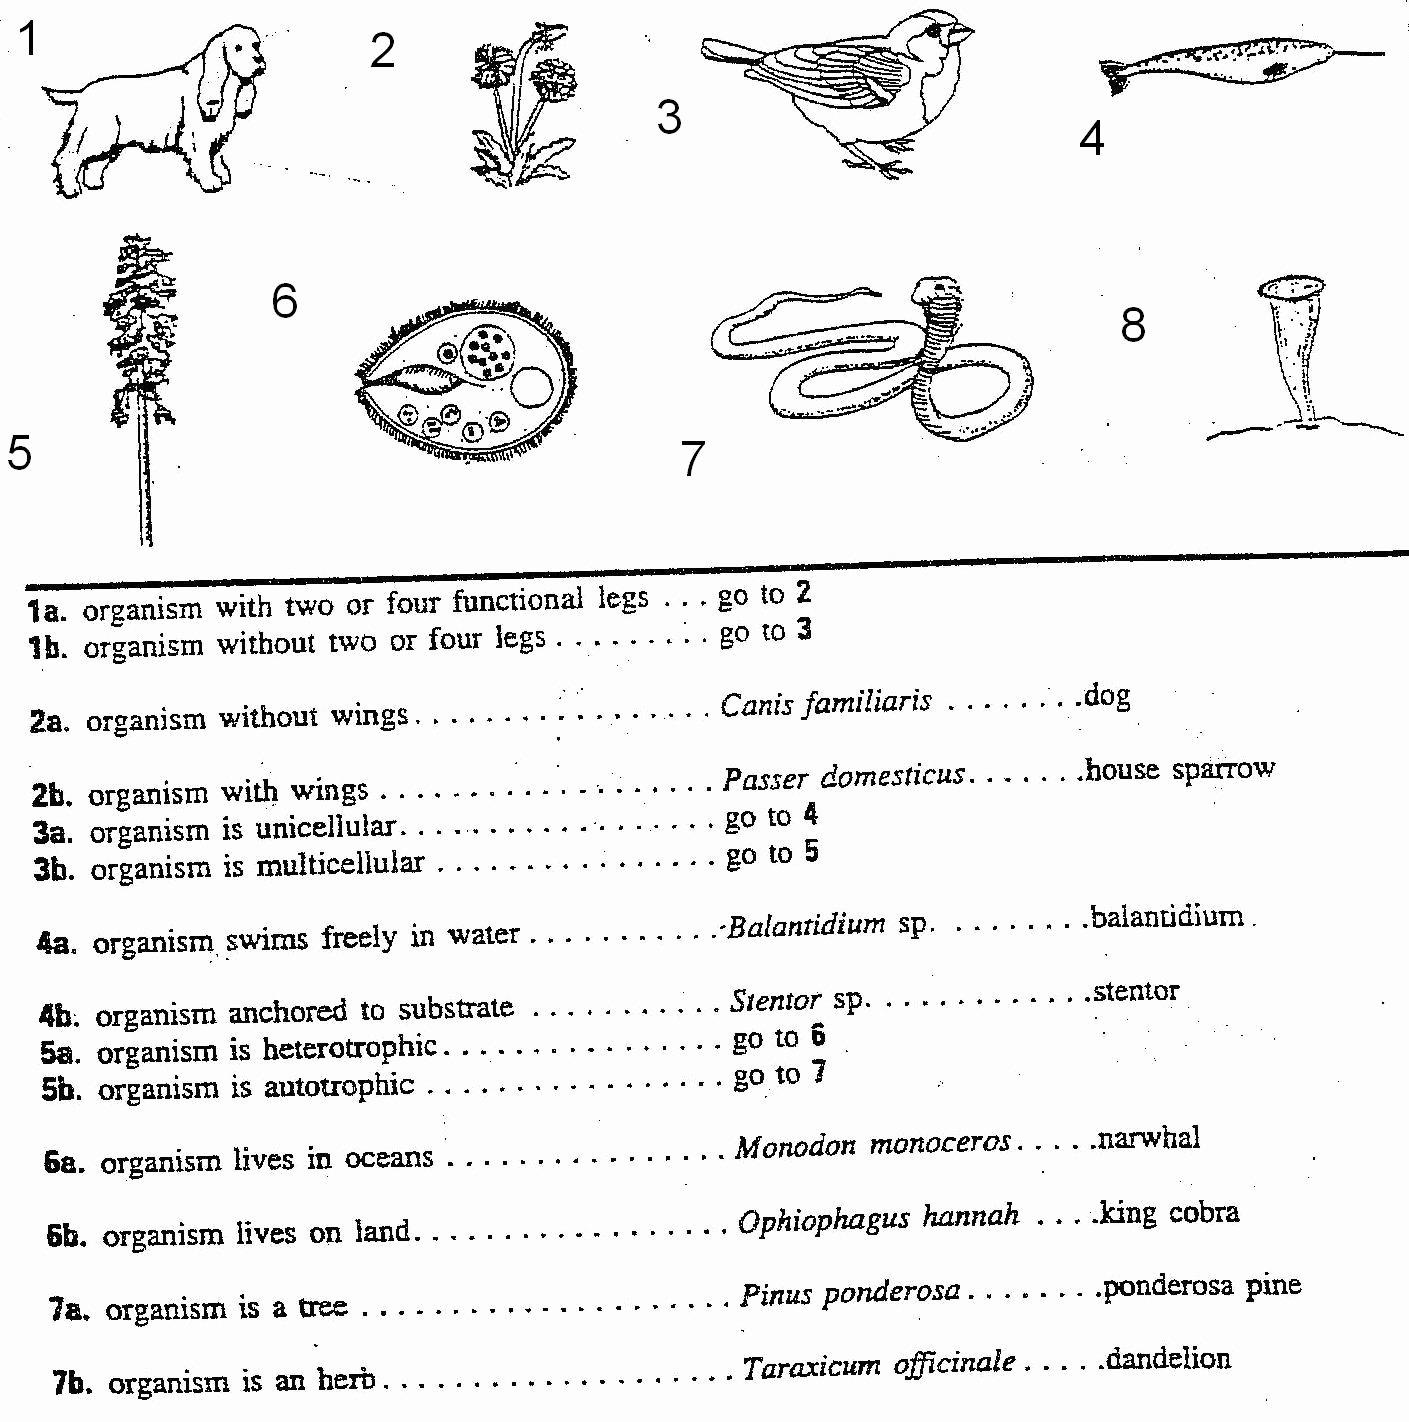 50 Dichotomous Key Worksheet